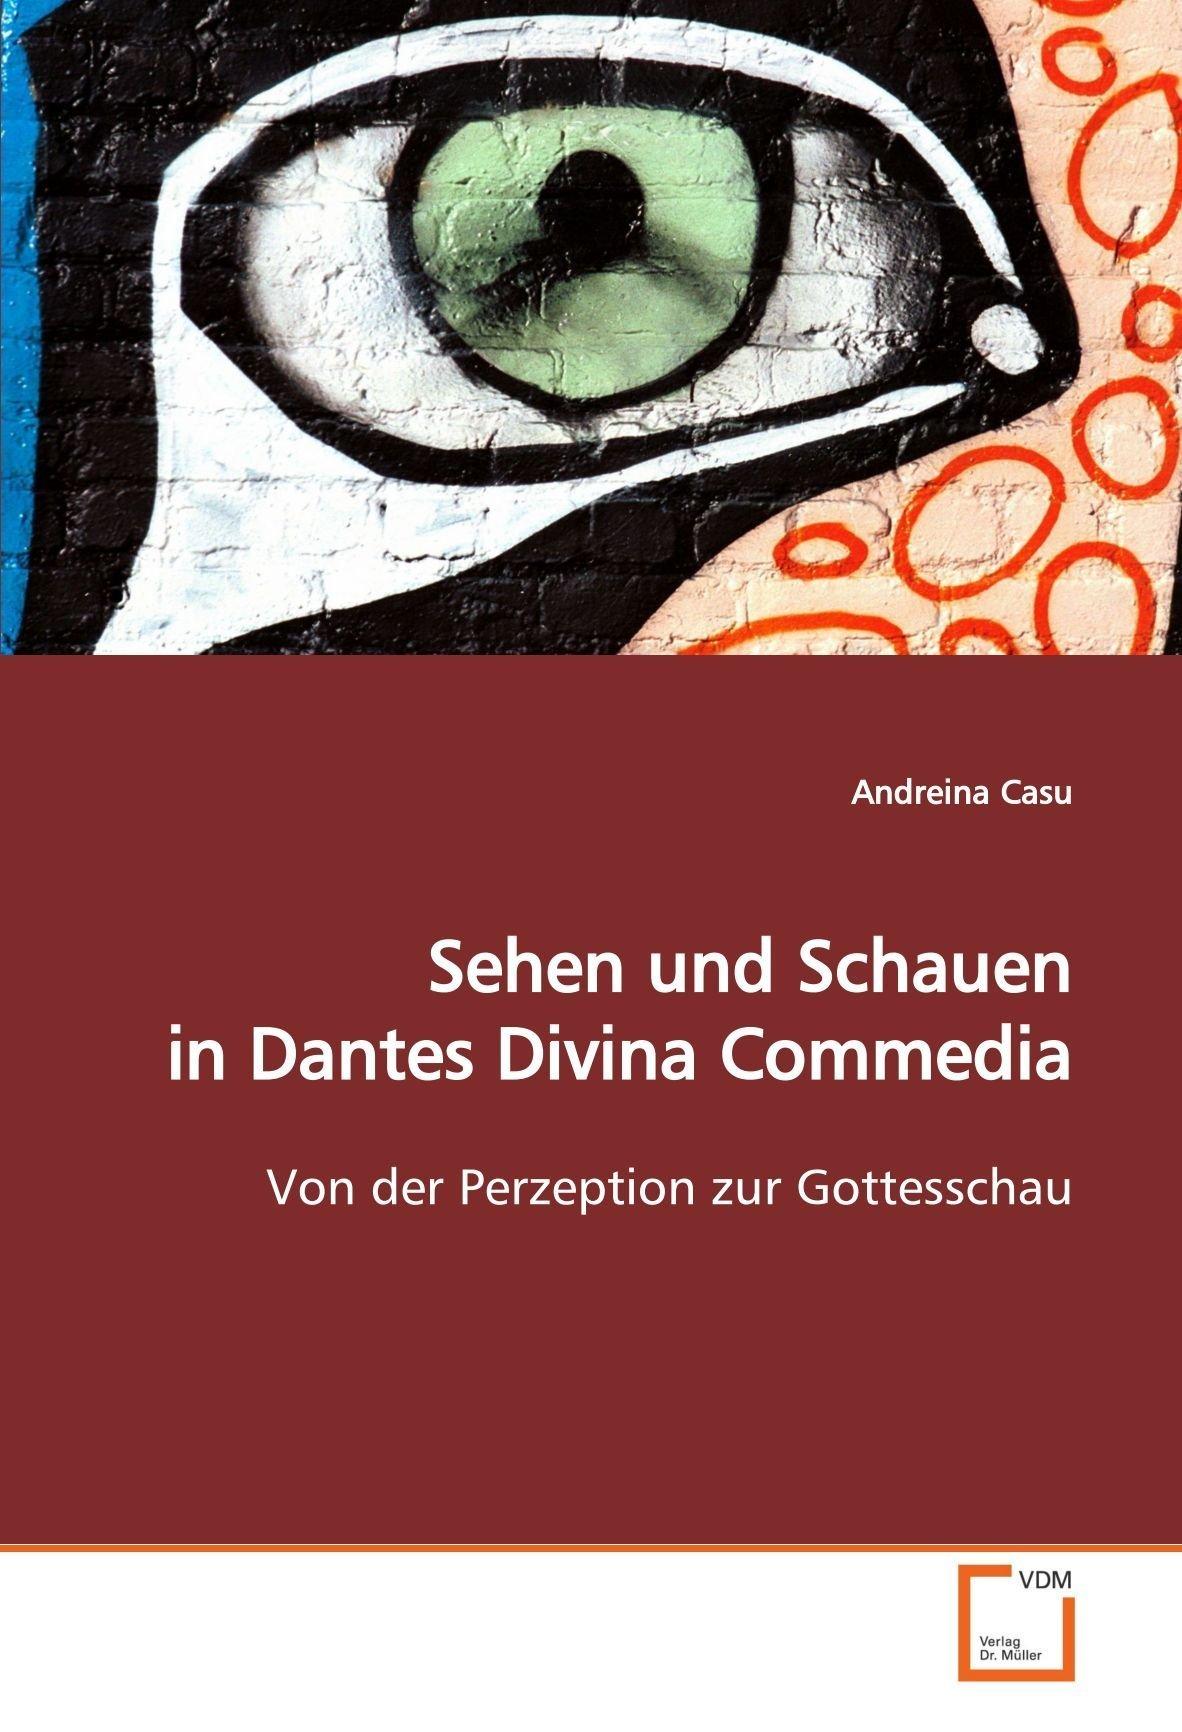 Sehen und Schauen in Dantes Divina Commedia: Von der Perzeption zur Gottesschau (German Edition) pdf epub